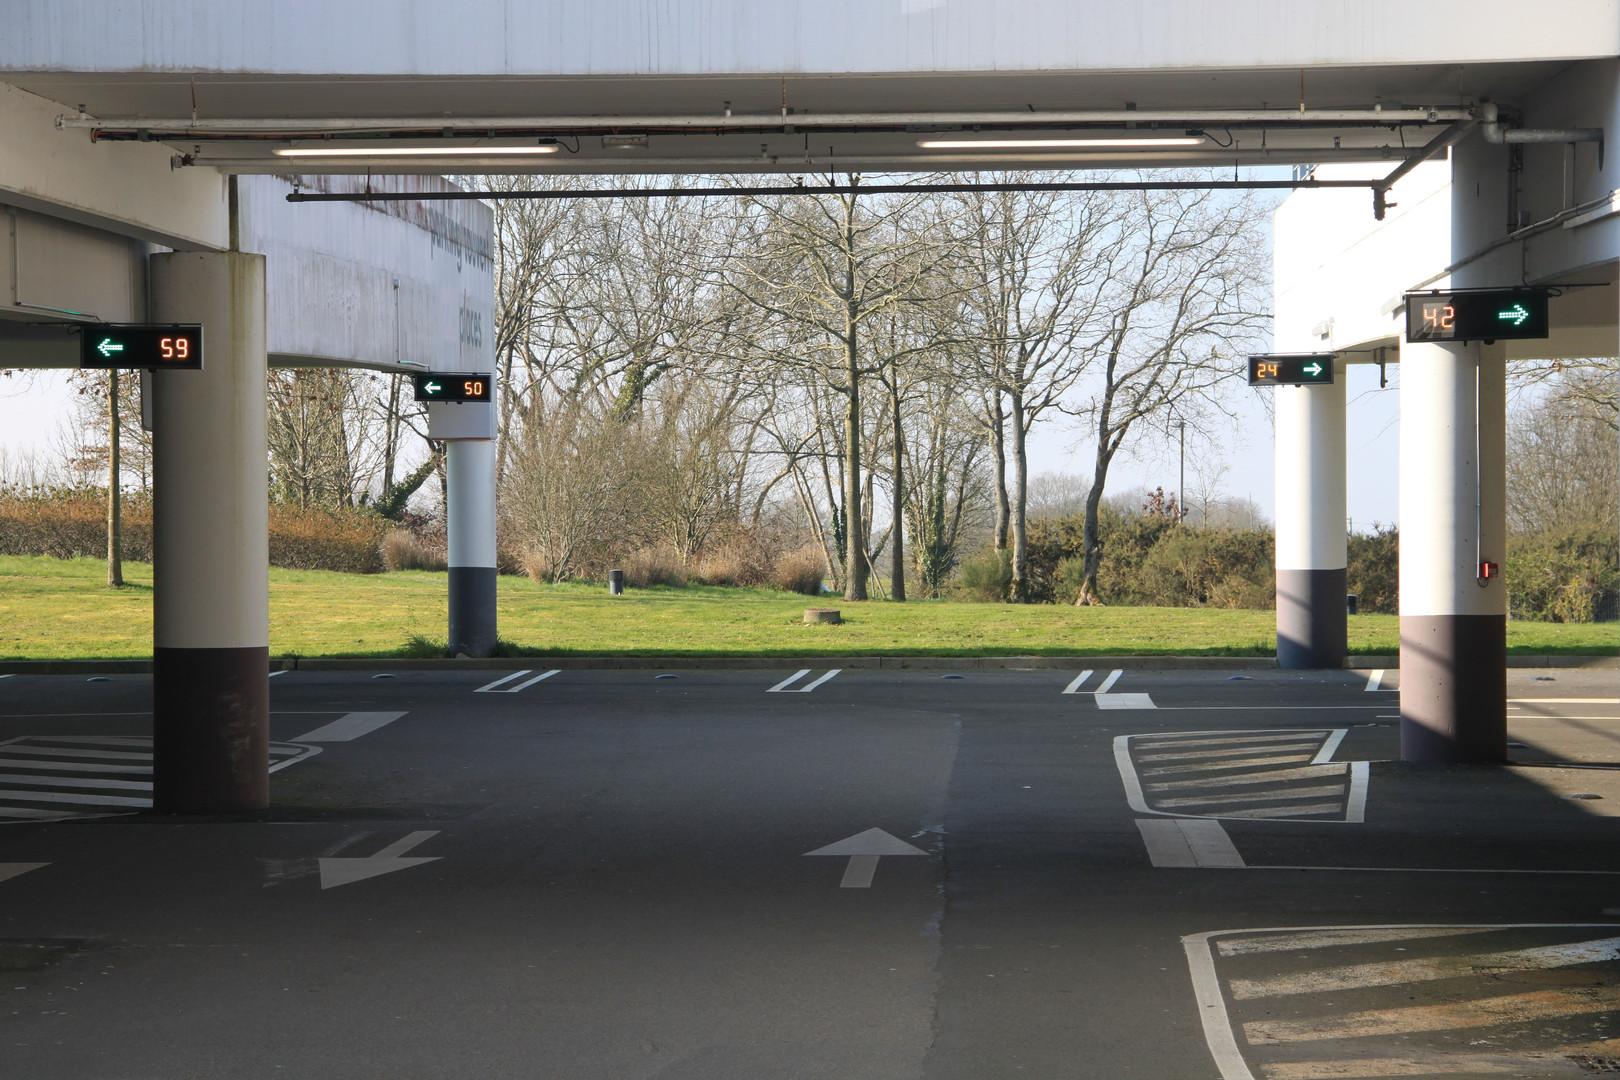 panneaux guidage parking